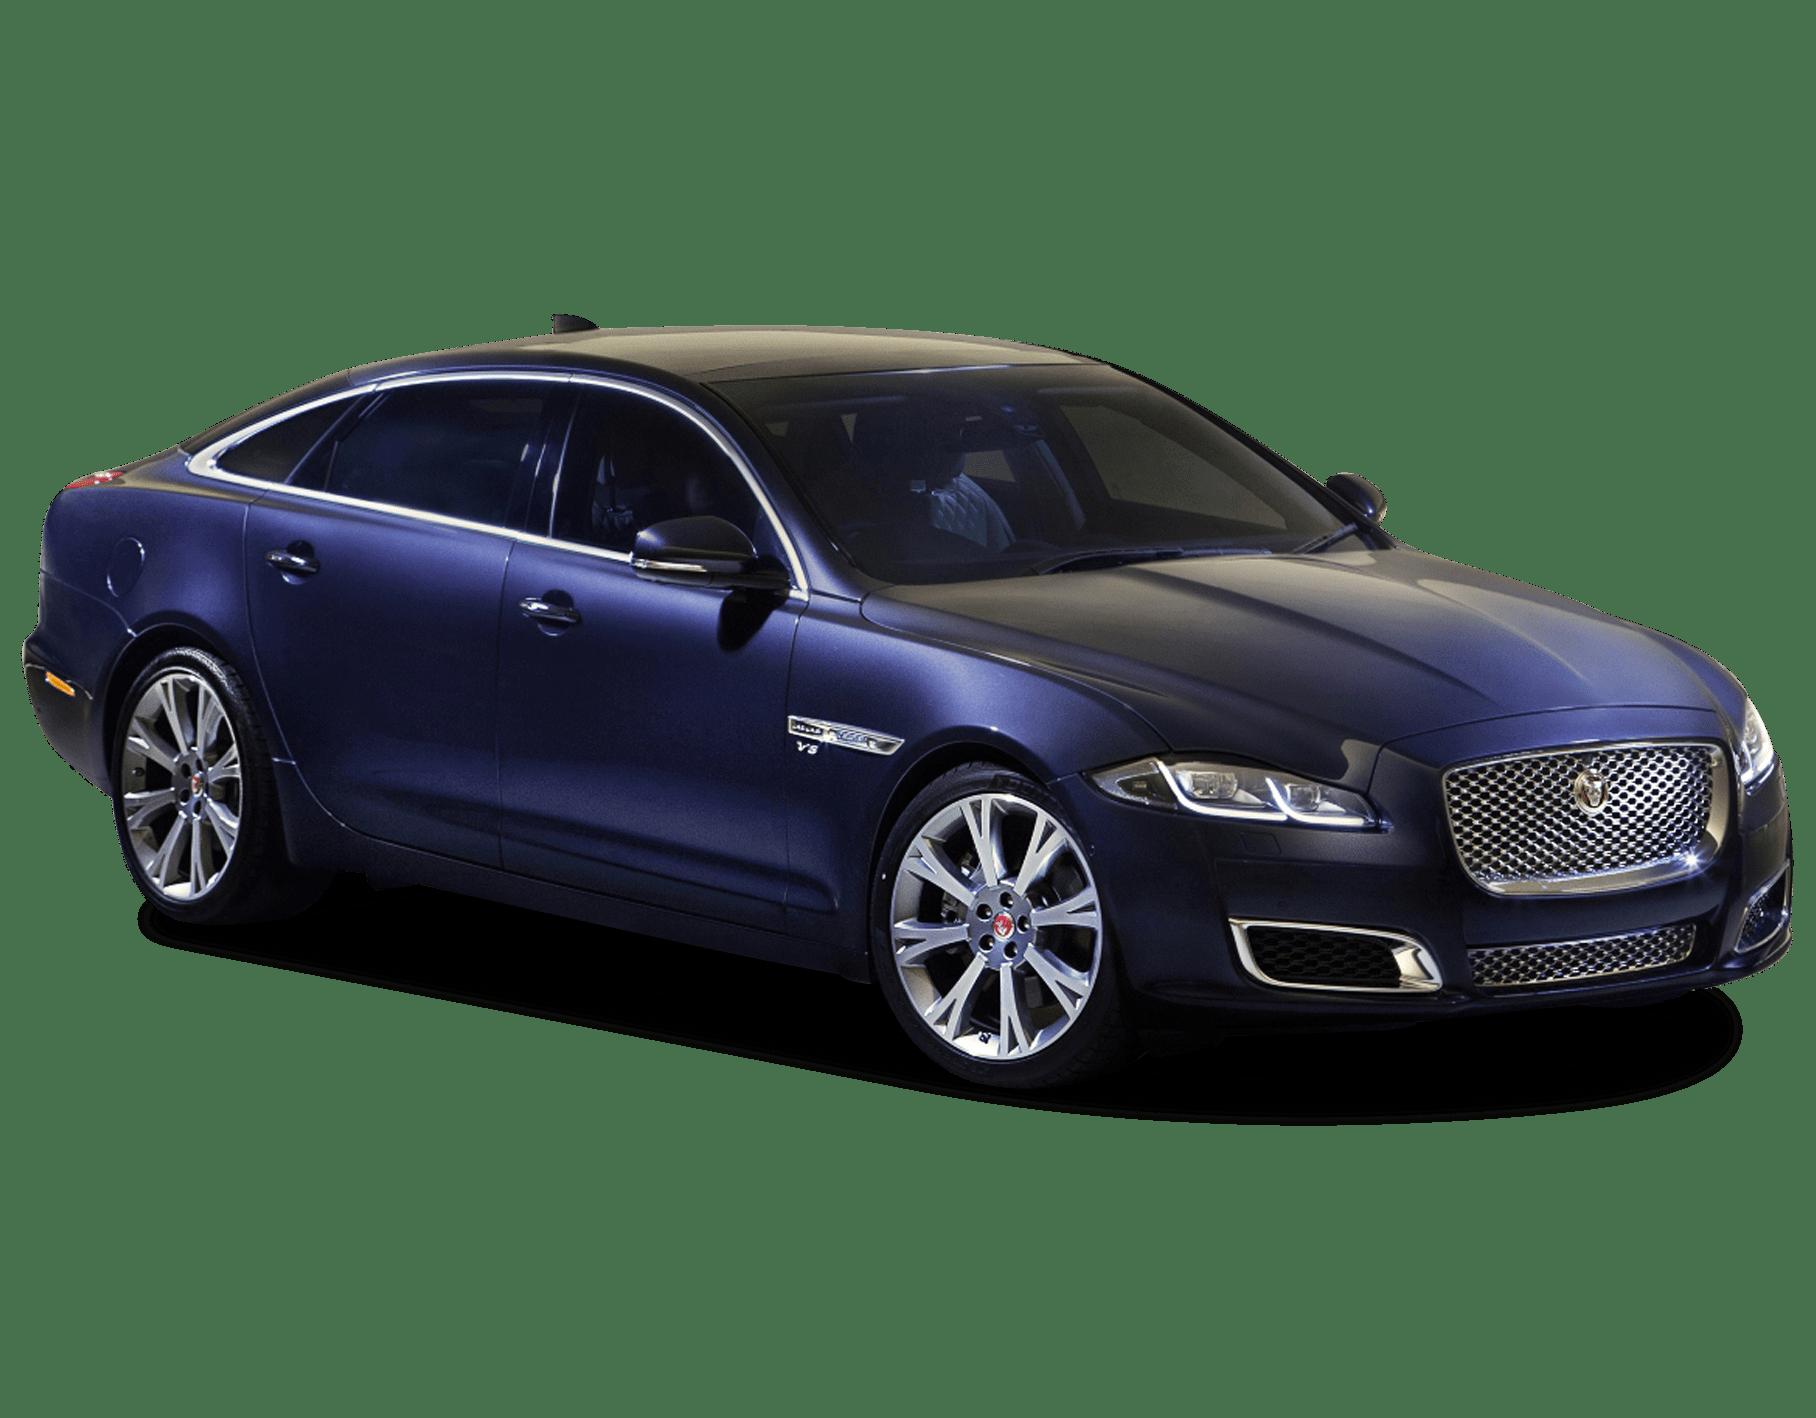 jaguar xj car images cars image 2018. Black Bedroom Furniture Sets. Home Design Ideas